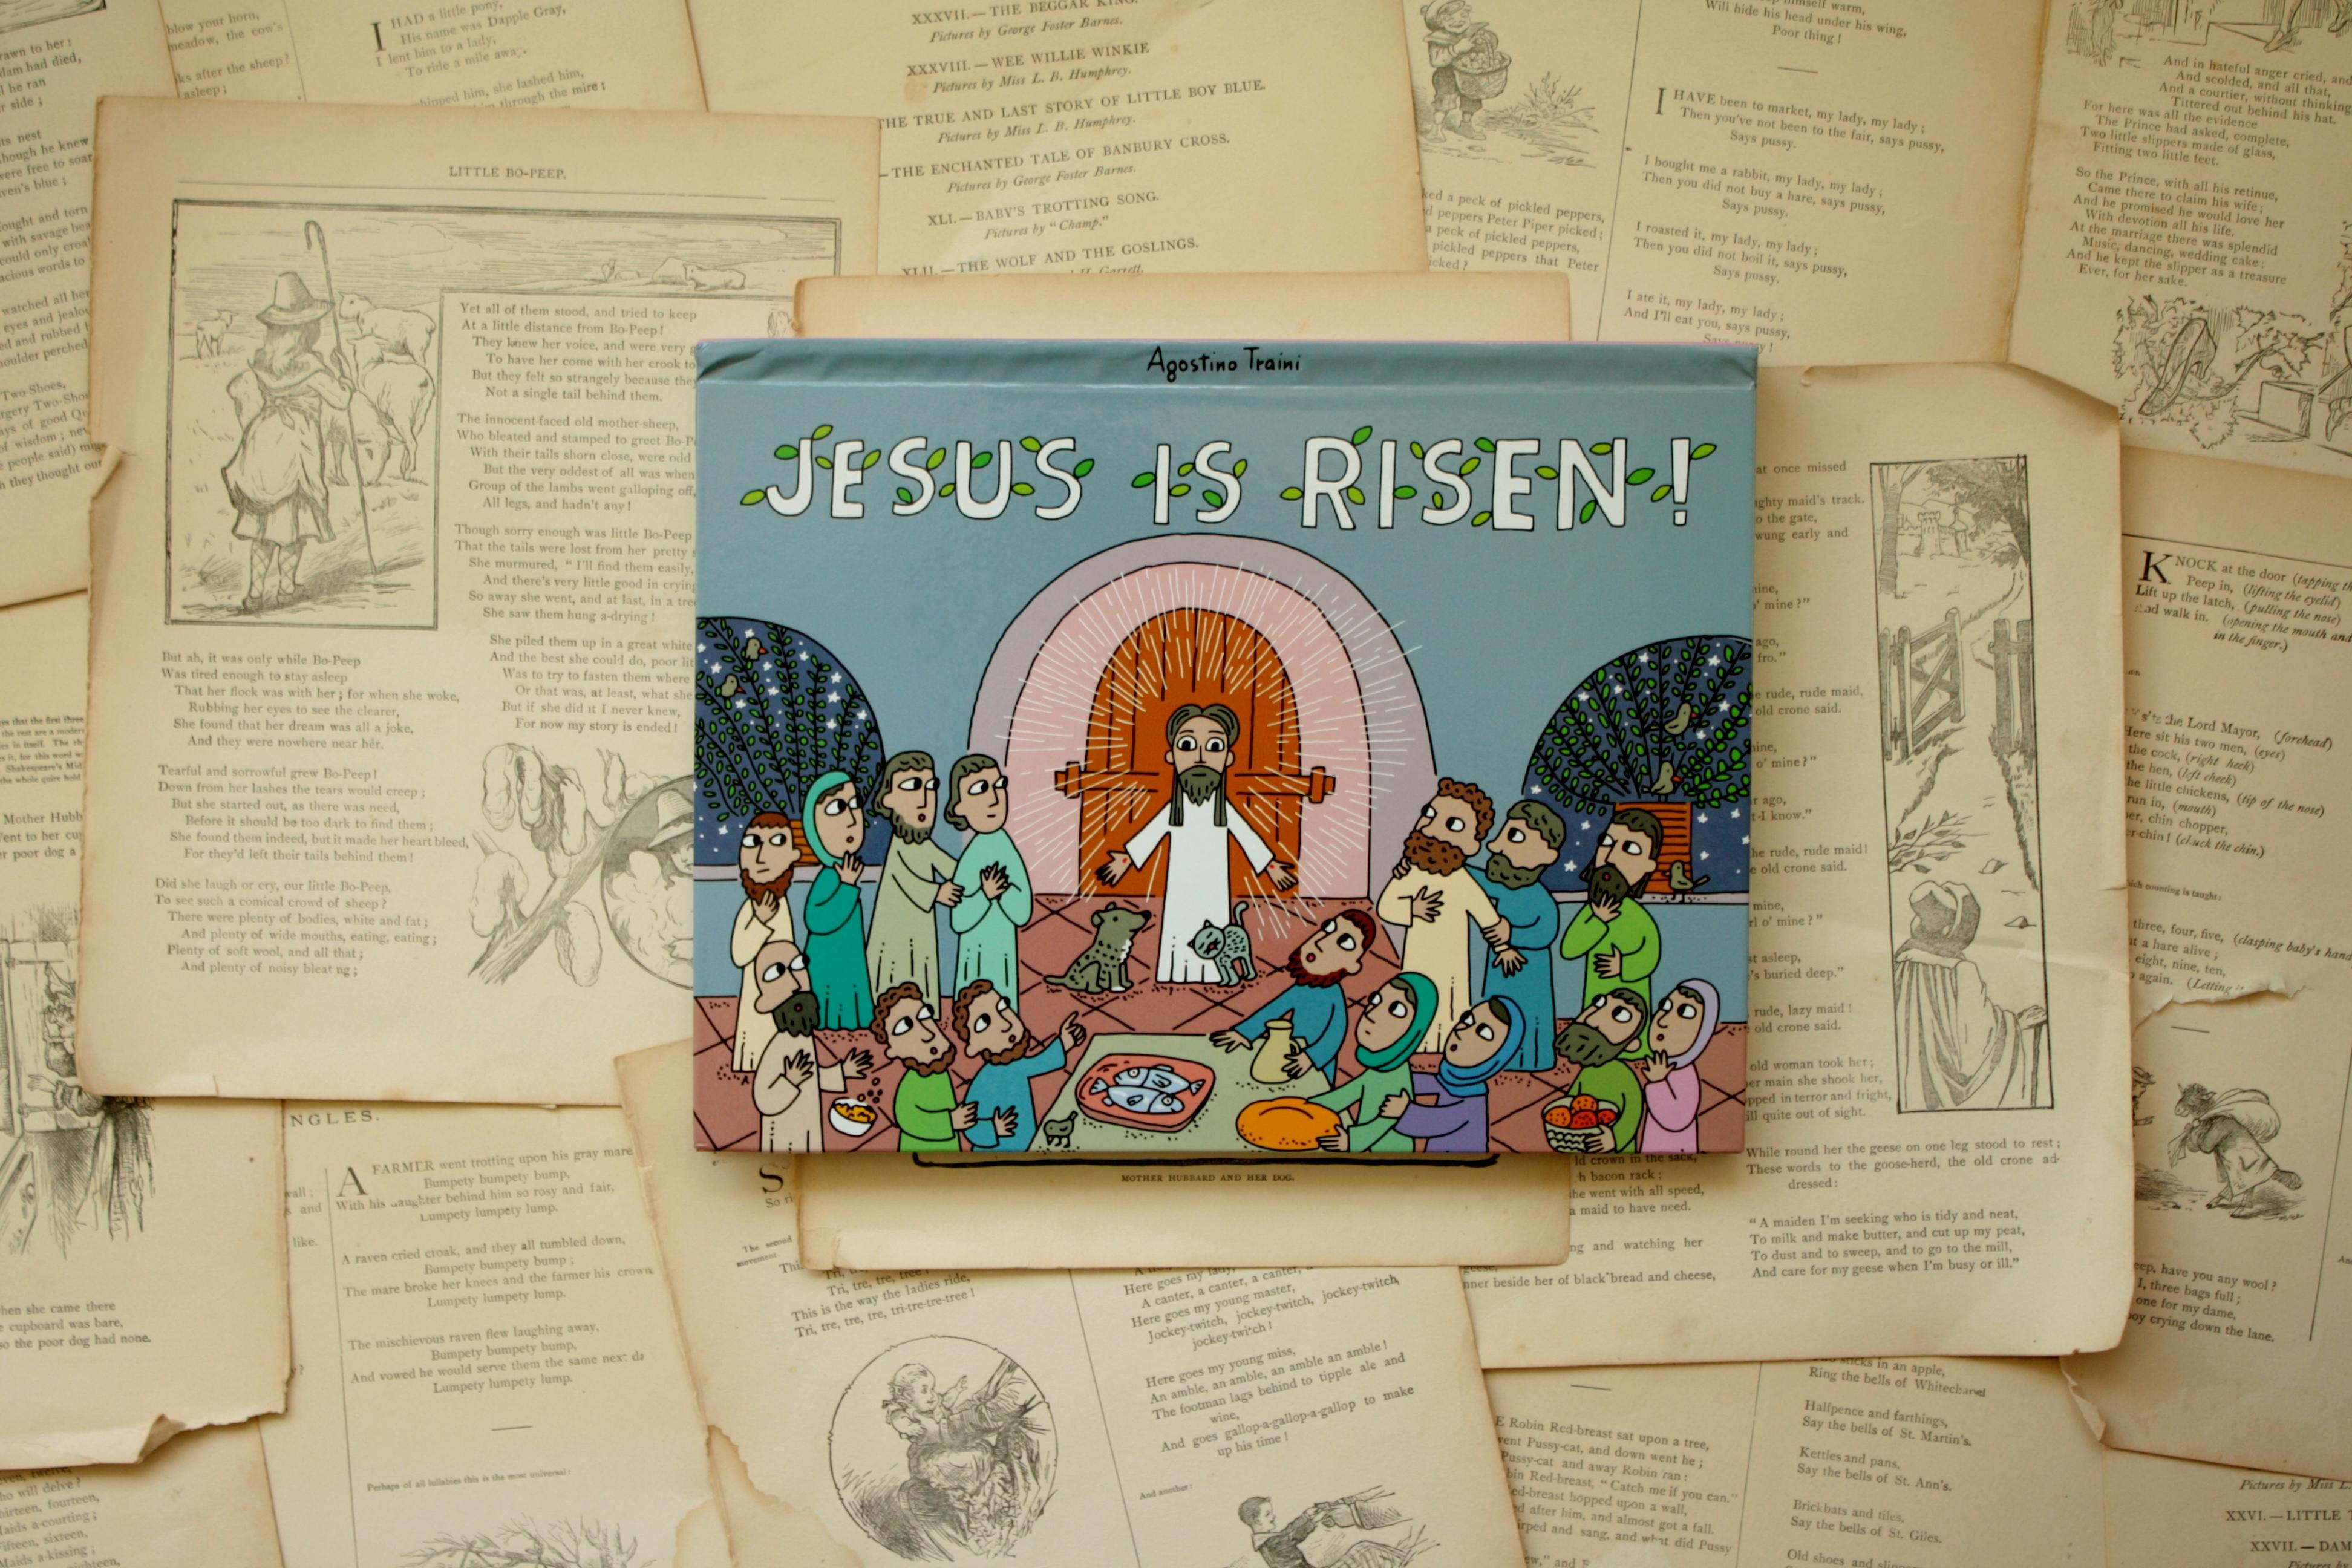 Jesus is Risen! | Agostino Traini